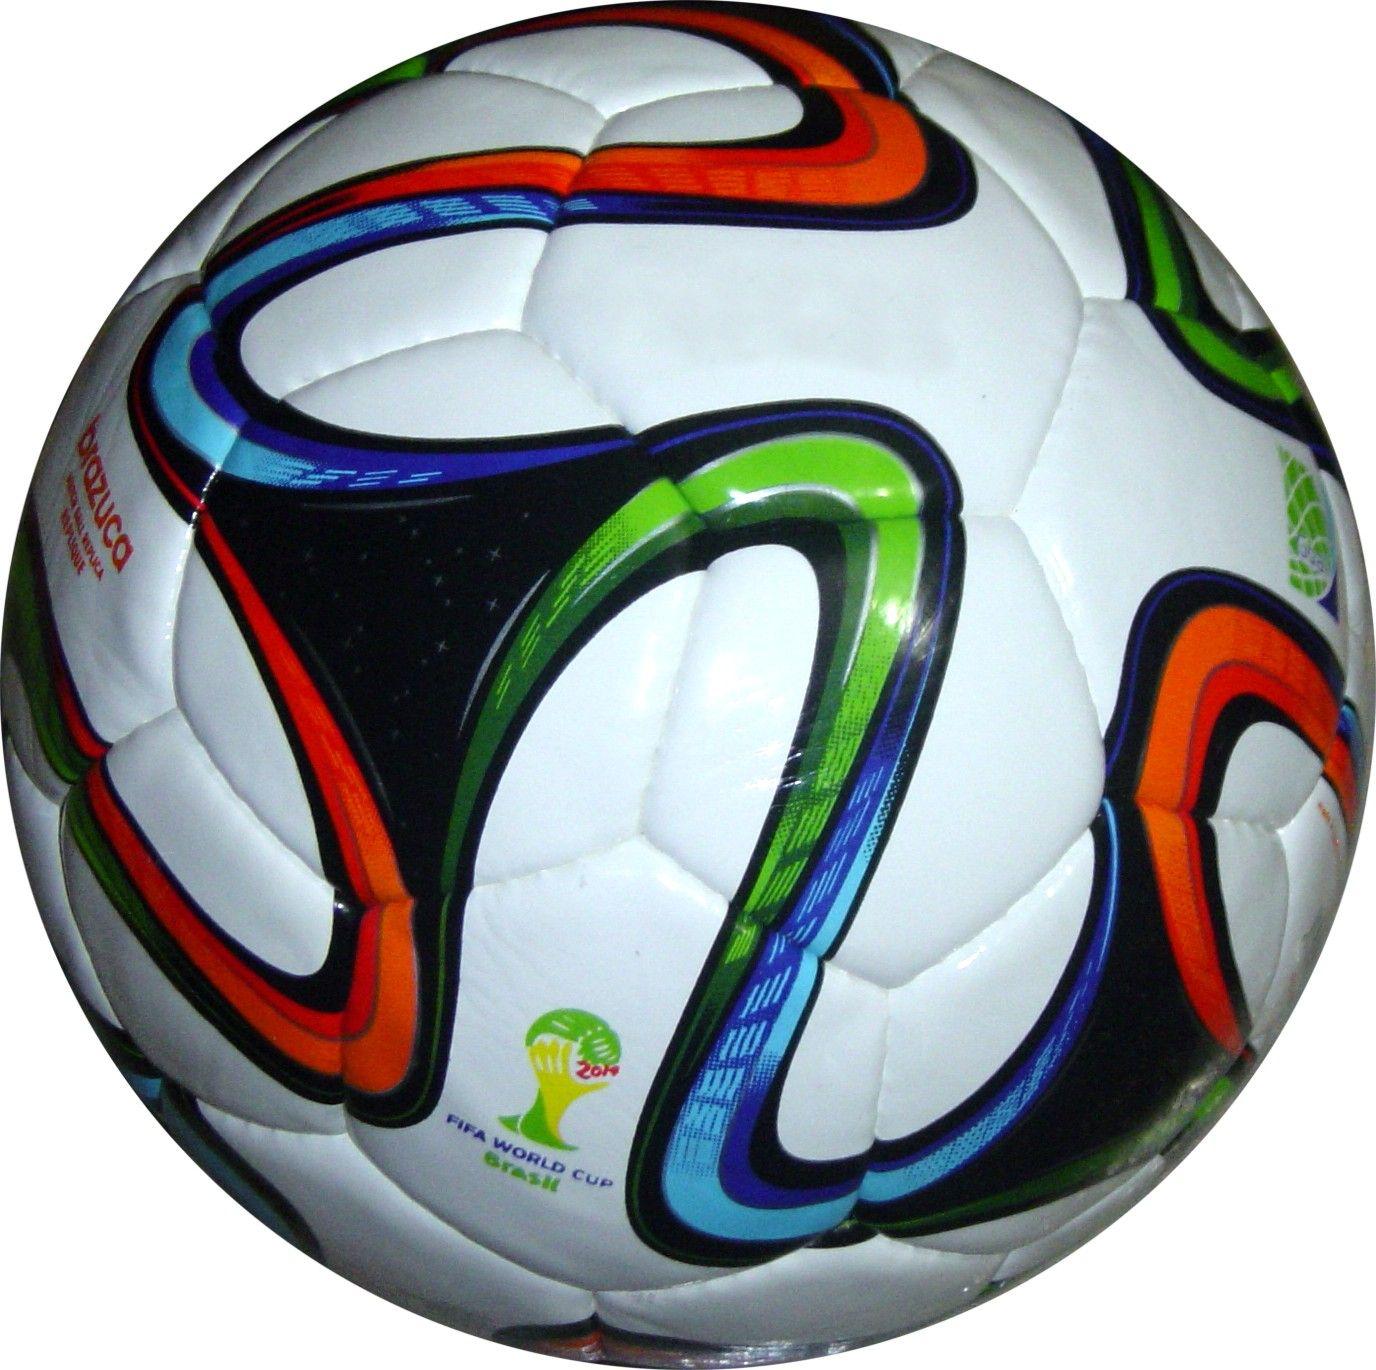 Nós somos fabricante e exportador de alta qualidade Championship League  Futebol. Nós podemos produzir 50 14e161f1b9356